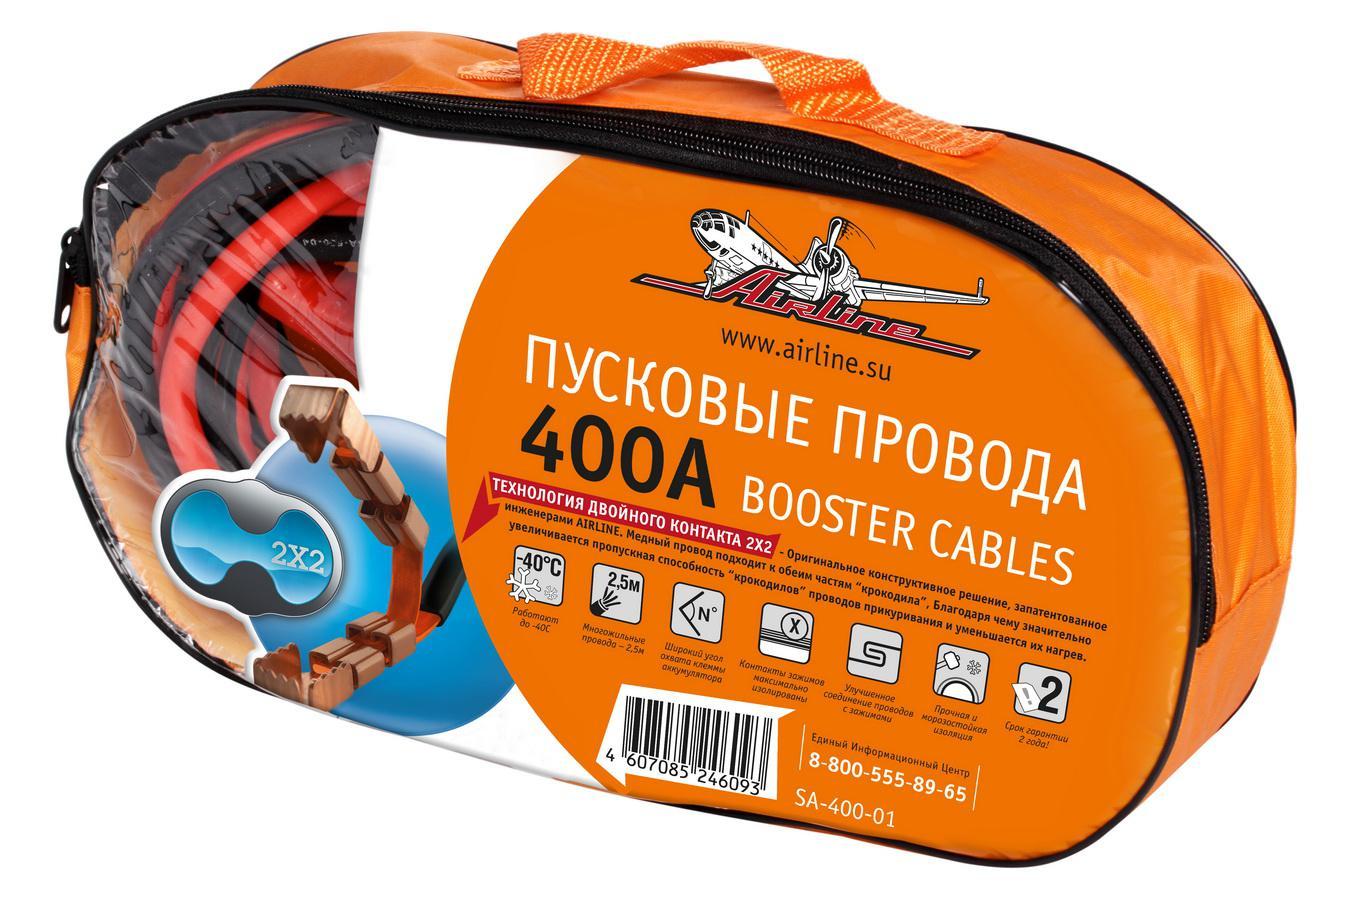 Провода для прикуривания Airline Sa-400-01  провода вспомогательного запуска